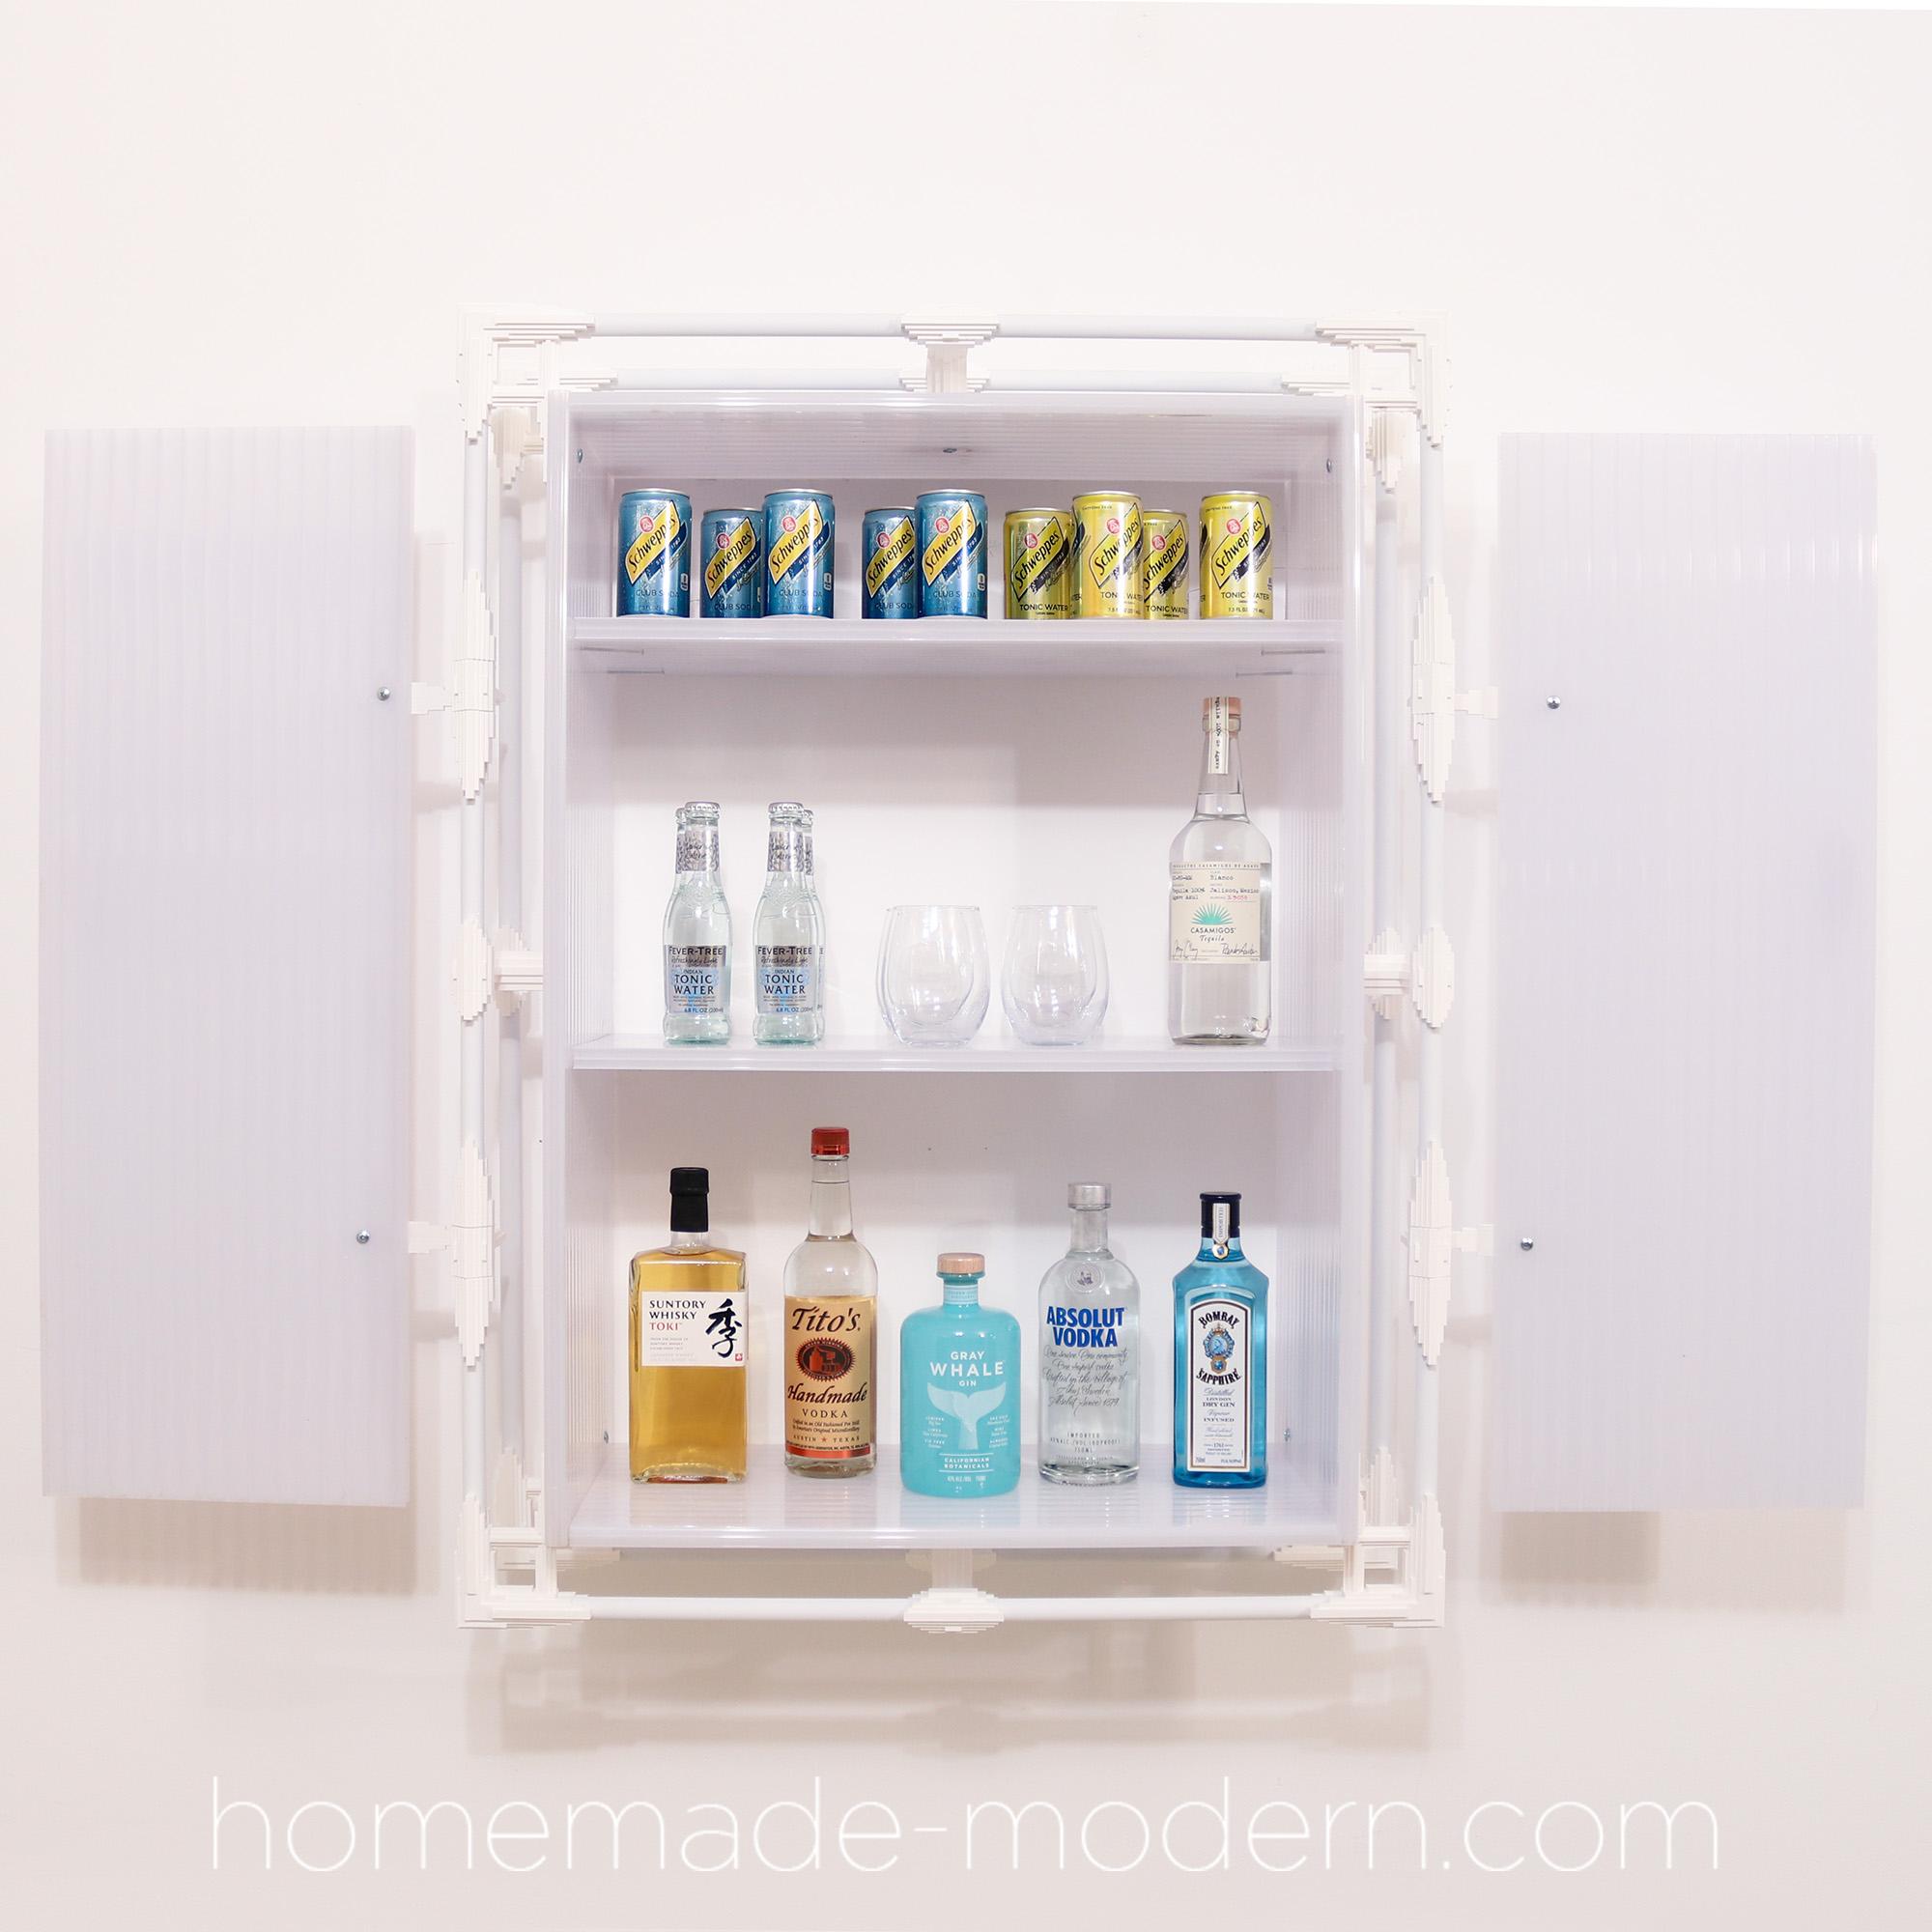 http://www.homemade-modern.com/wp-content/uploads/2019/12/3dcabinet-final2.jpg